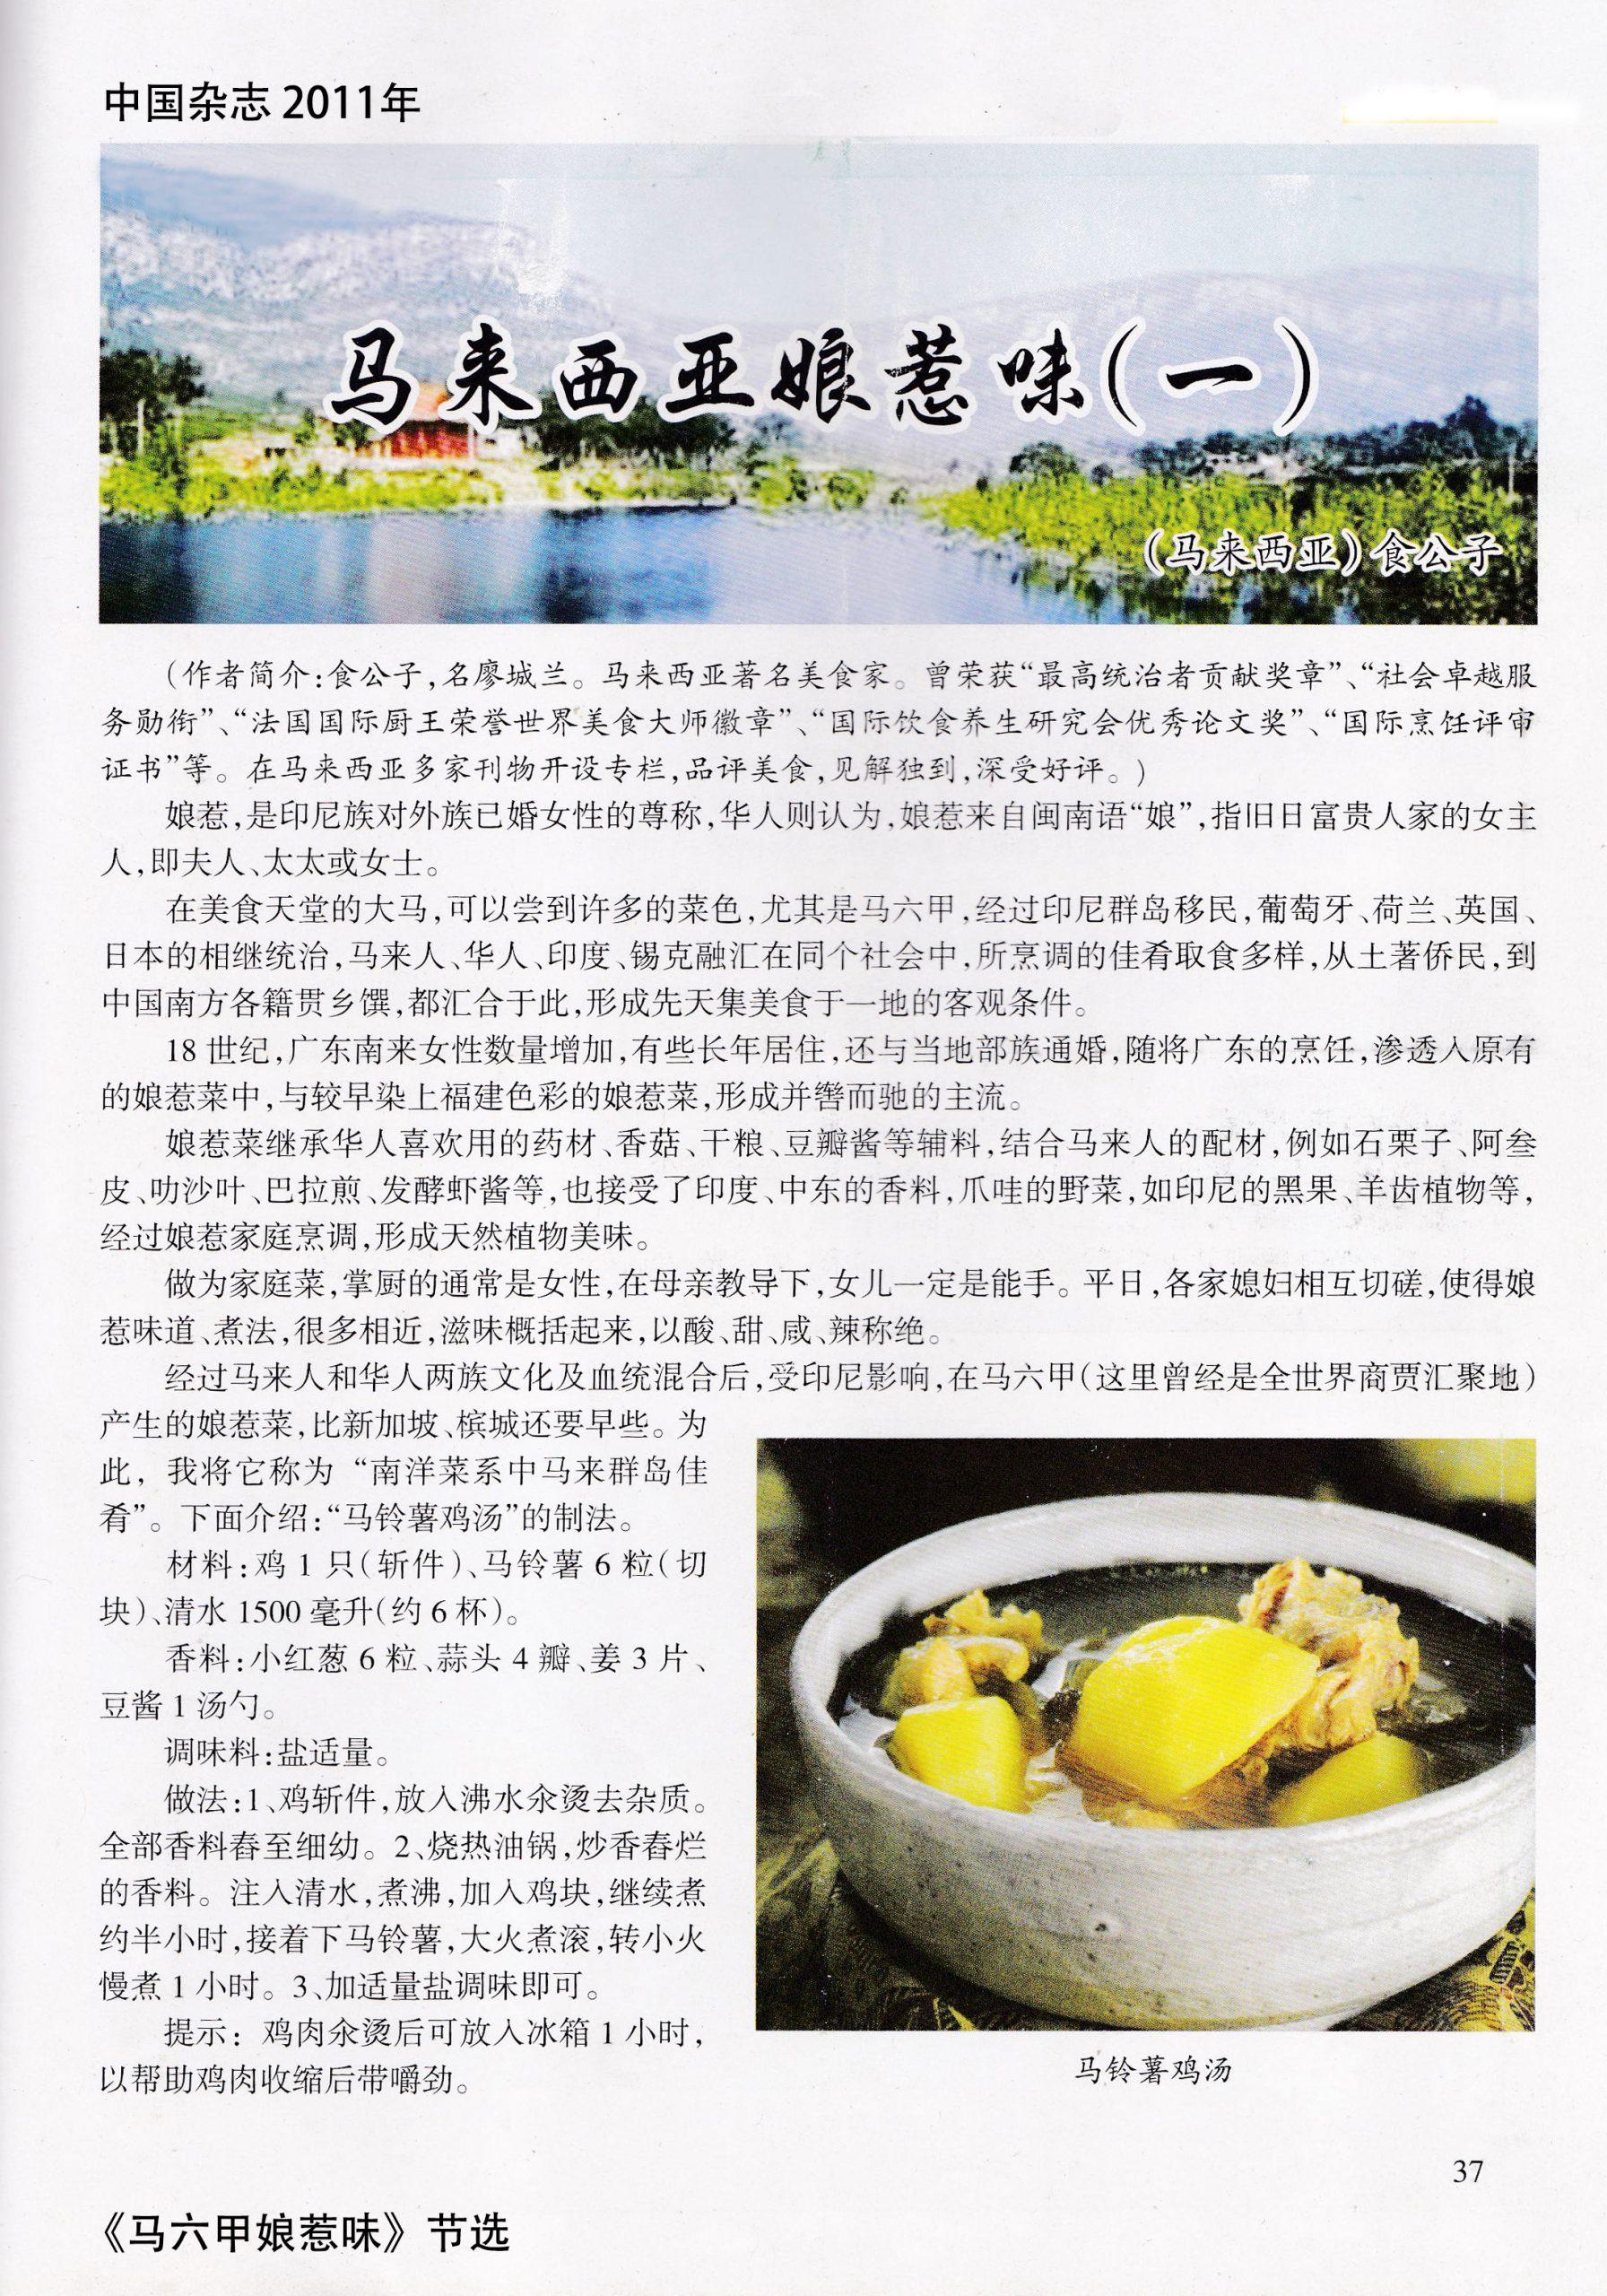 """刊登於中国杂志""""马来西亚美食家""""廖城兰的《马六甲娘惹味》节选"""